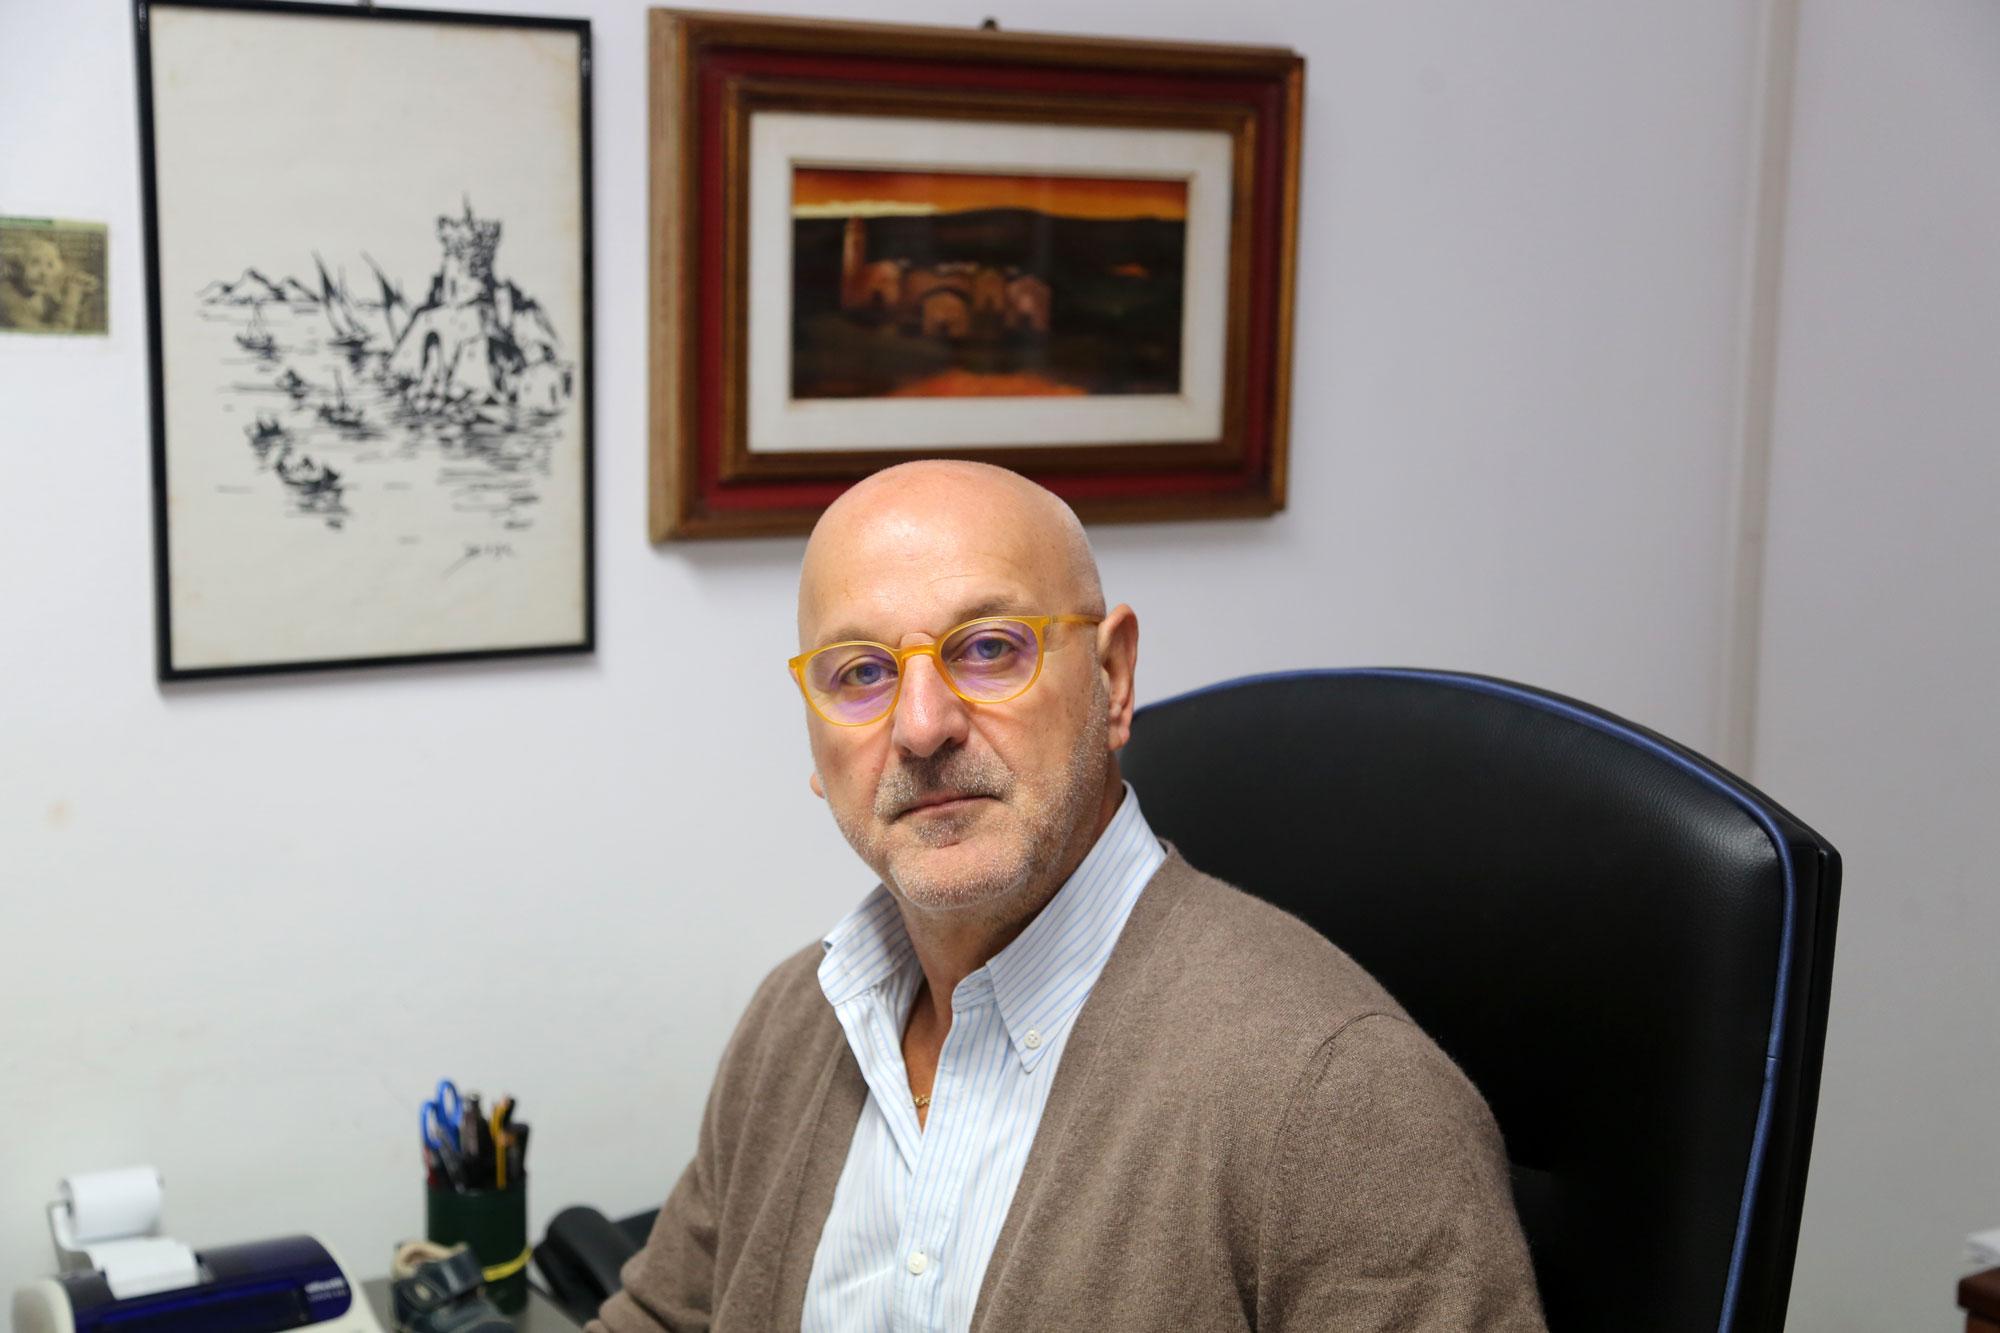 Roberto Masillo